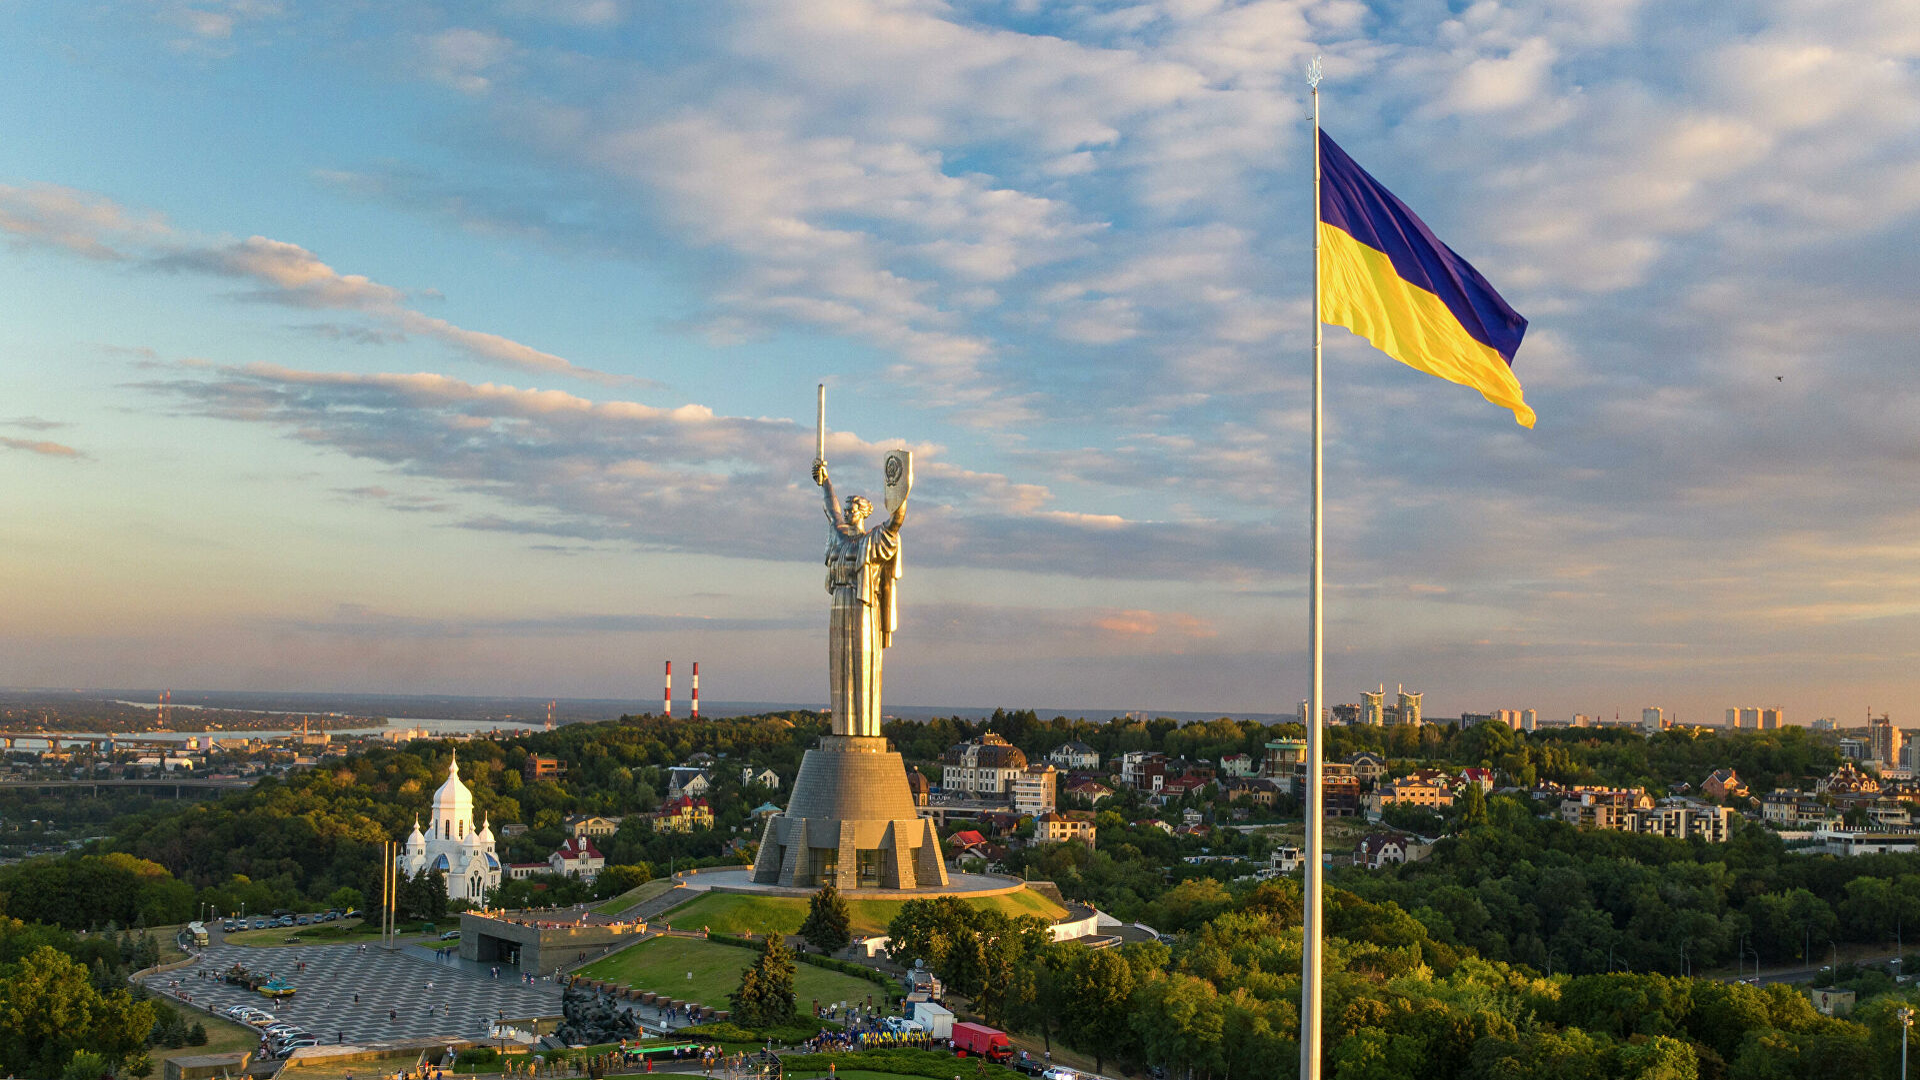 Самый большой флаг Украины в Киеве - РИА Новости, 1920, 21.09.2020